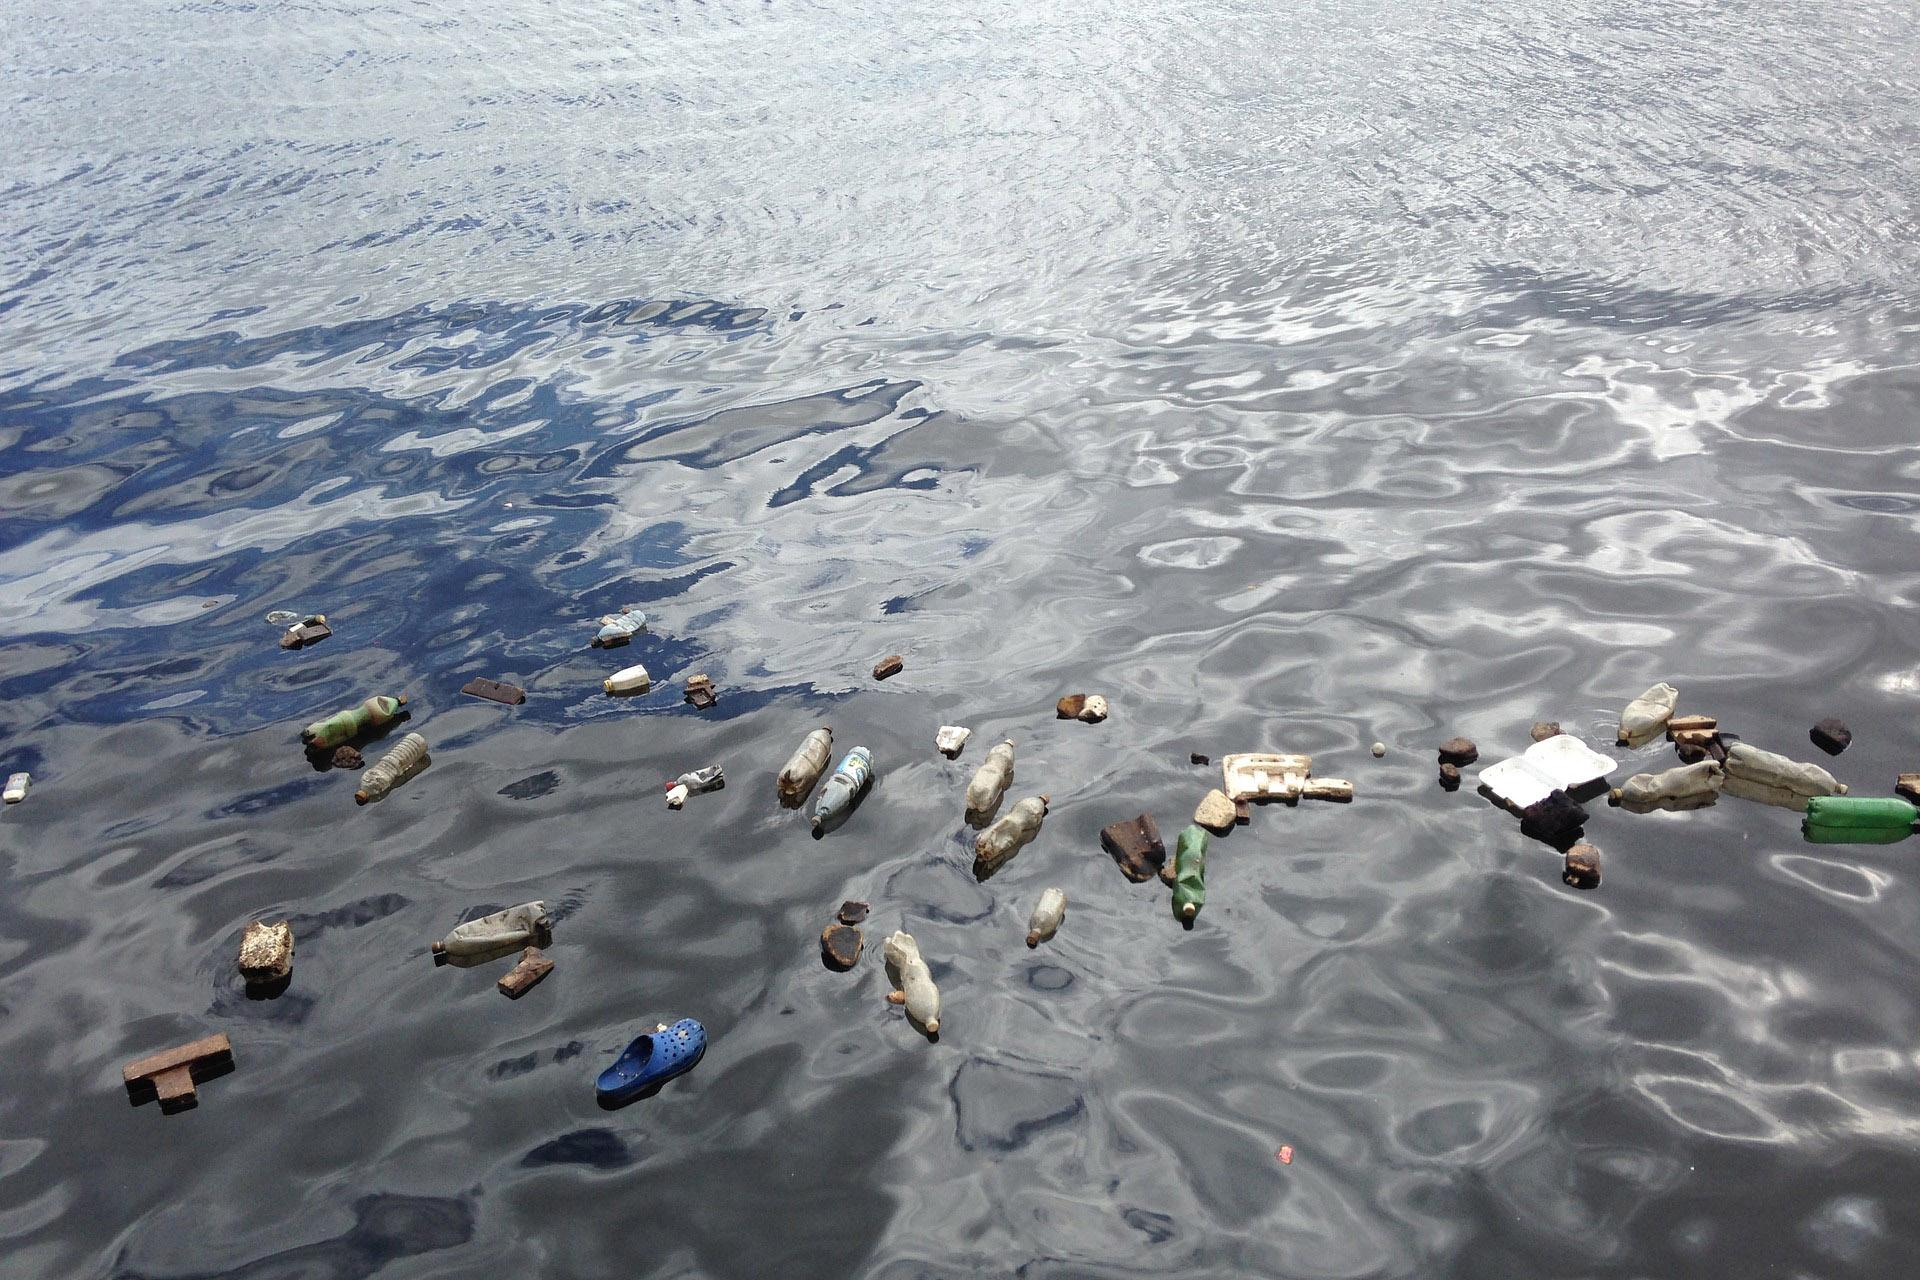 遏制塑料污染刻不容缓!包括 Burberry、H&M、欧莱雅在内的290家机构正式签署承诺书